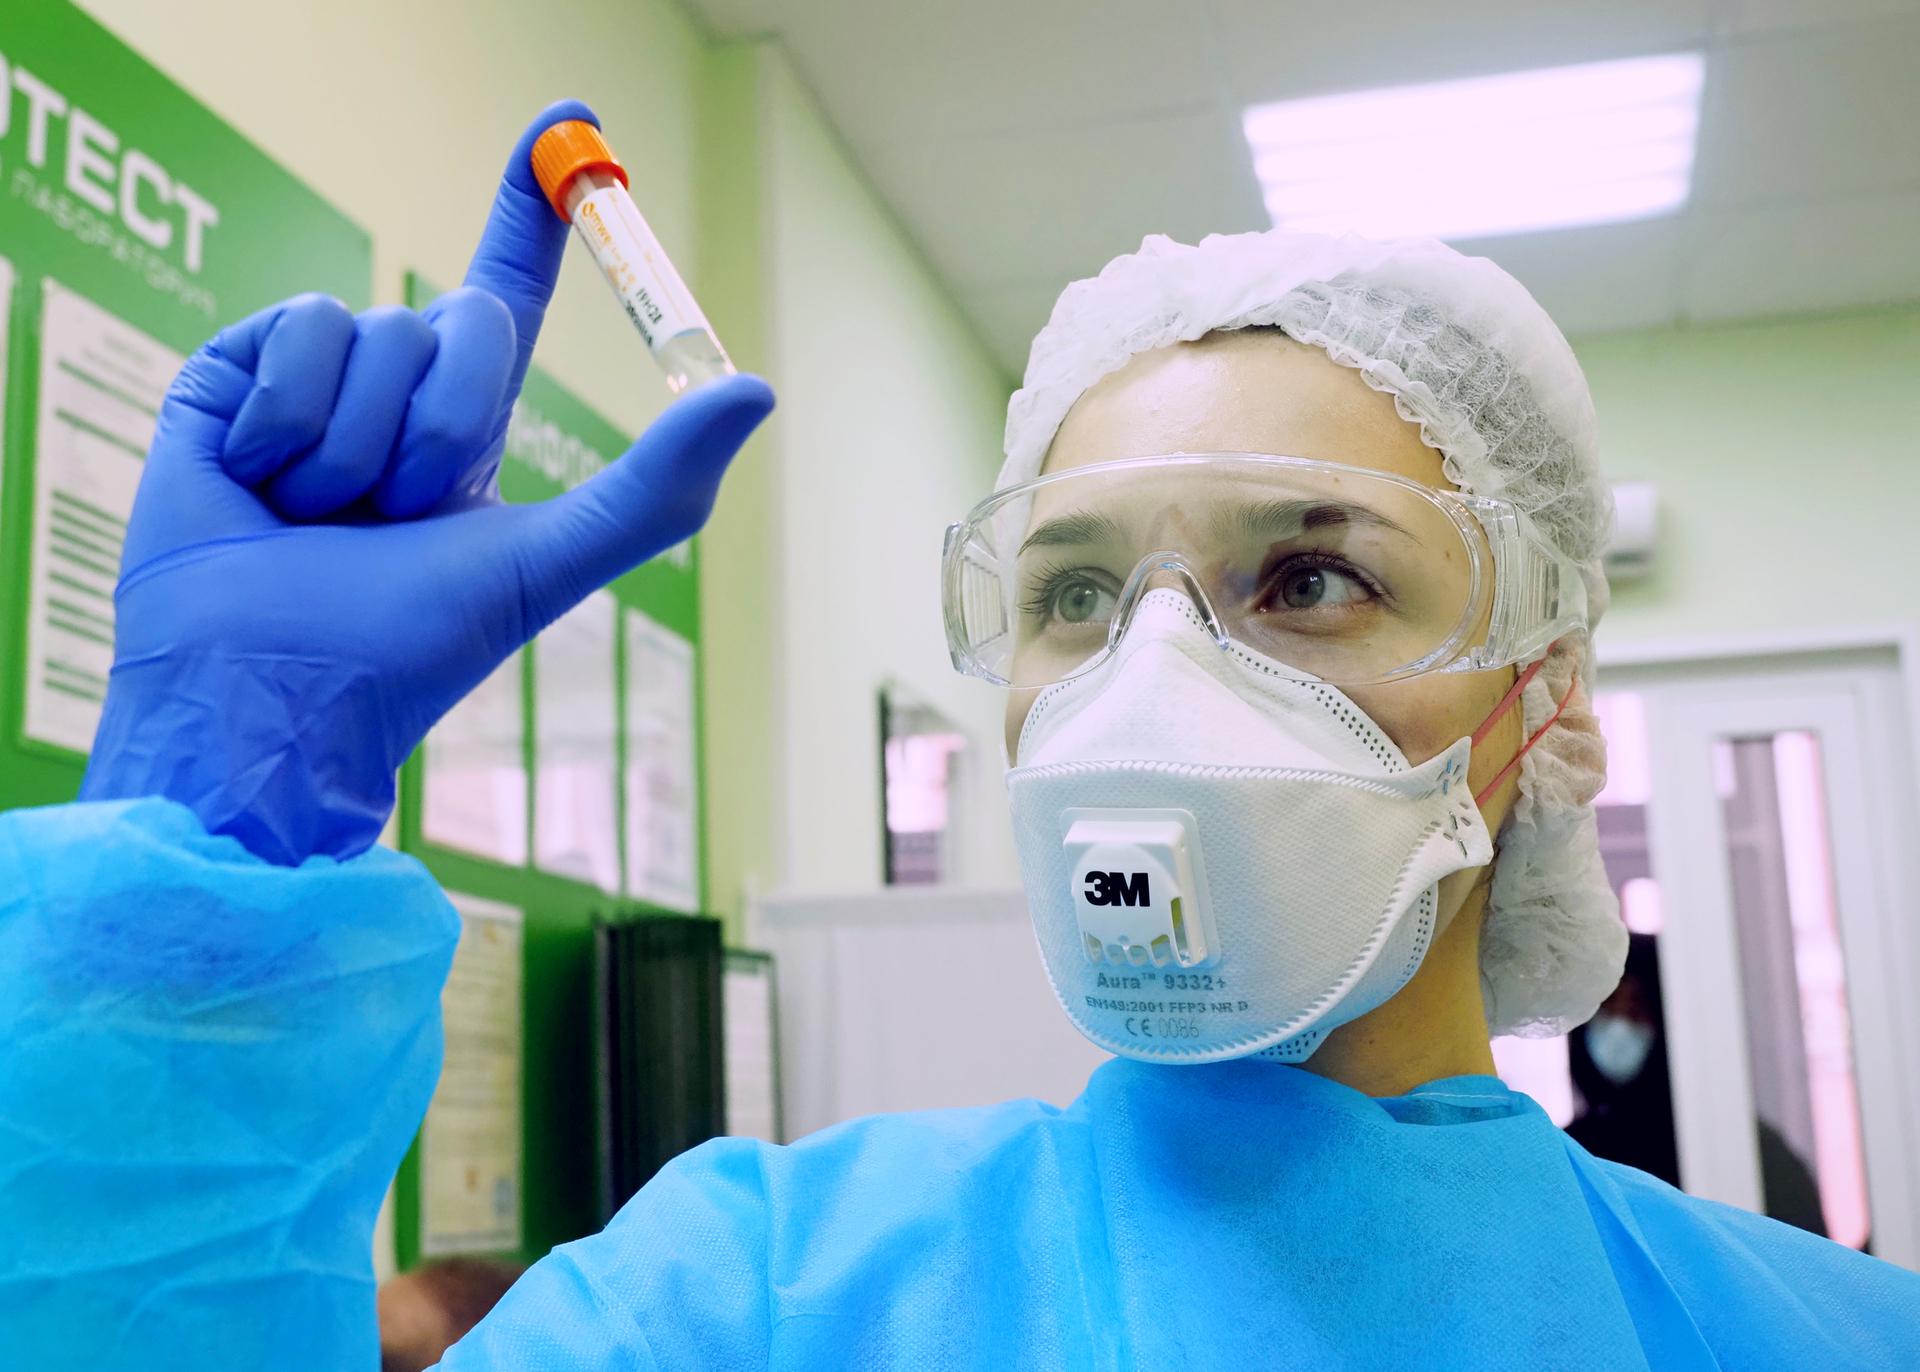 В ВОЗ заявили о появлении британского штамма коронавируса в 60 странах мира